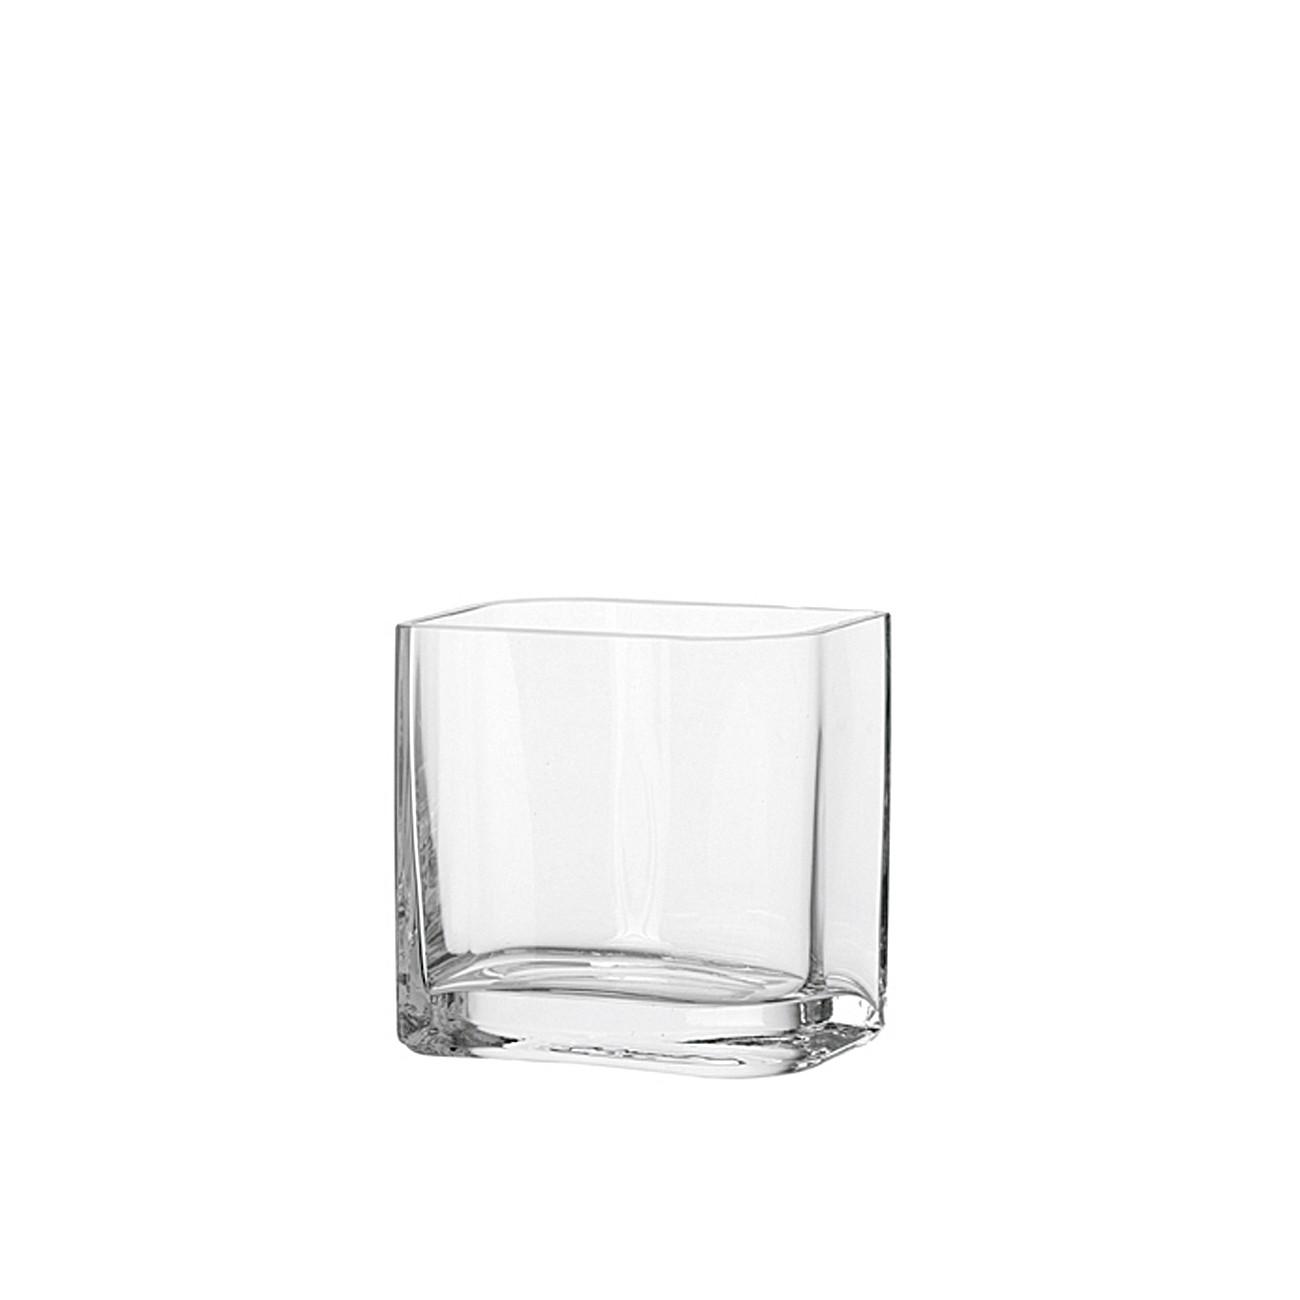 leonardo vase lucca aus glas eckig klar 15 x 15 x 10 5 cm. Black Bedroom Furniture Sets. Home Design Ideas